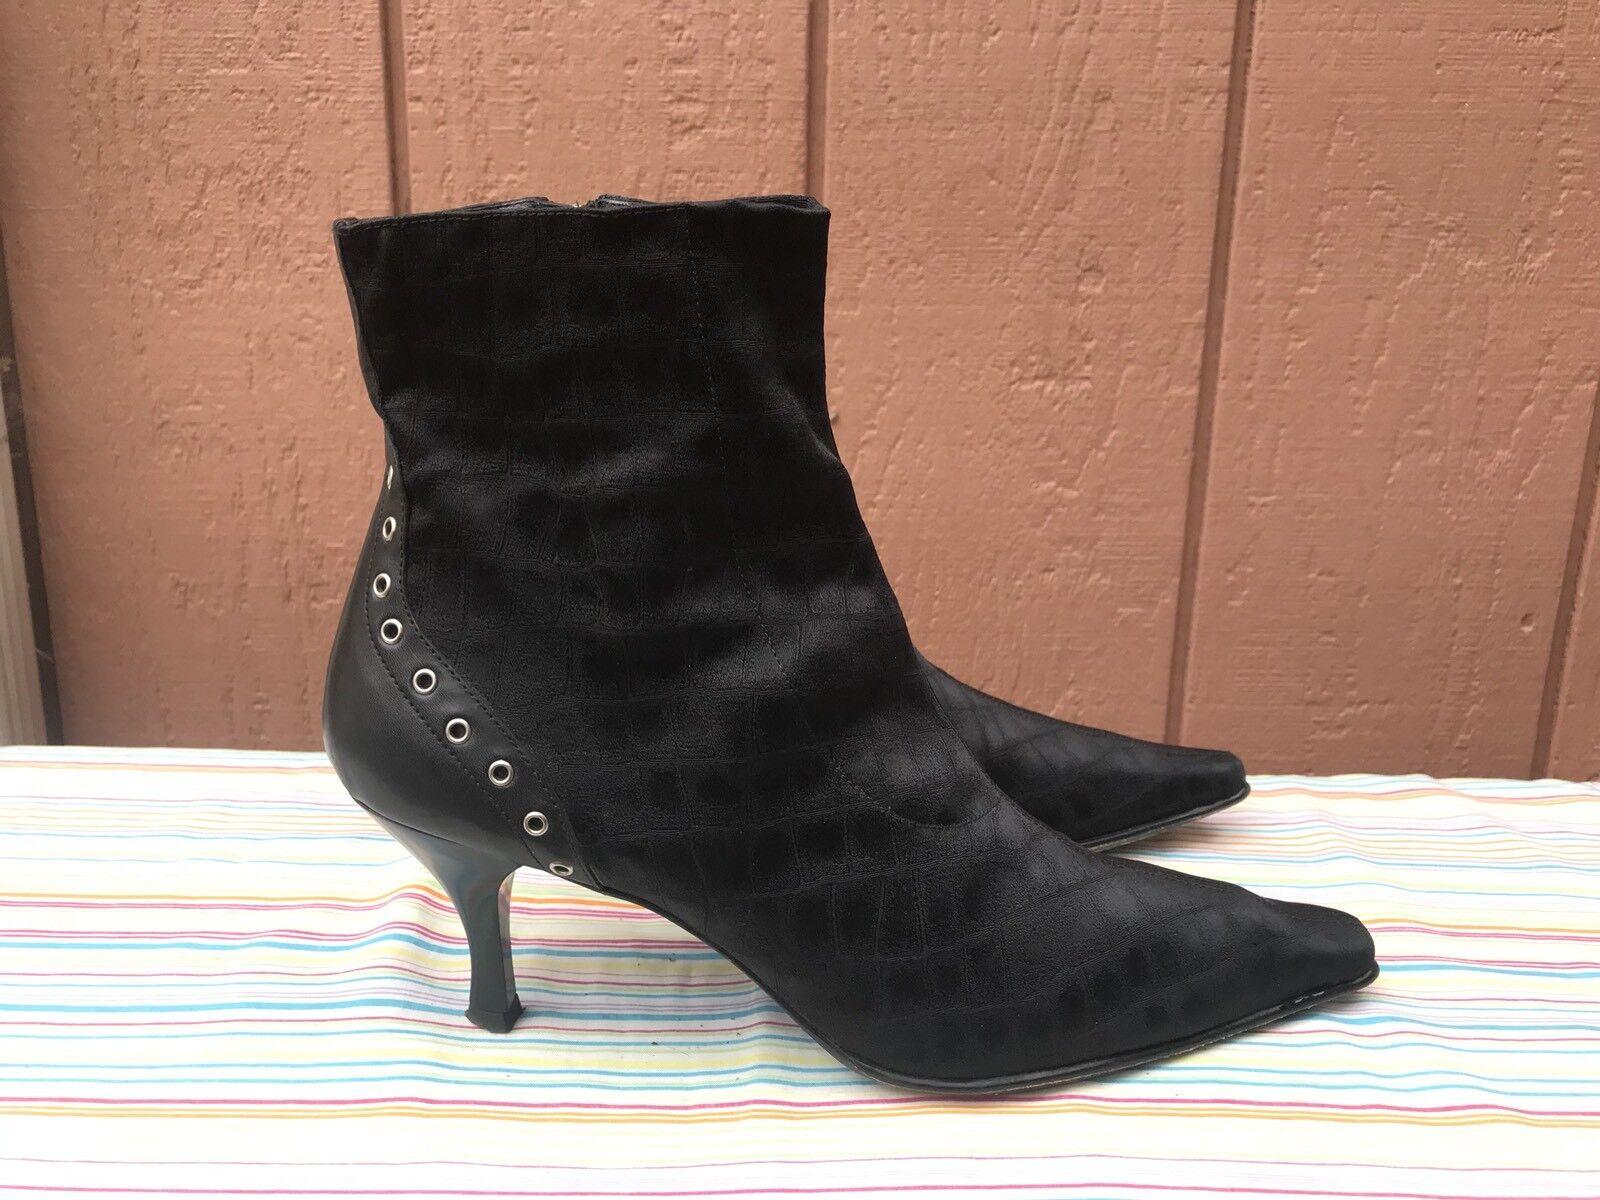 Excelente condición usada Donald J Pliner lishe Negro botas al tobillo de becerro Gator Elástico Tacones 10 M EE. UU.